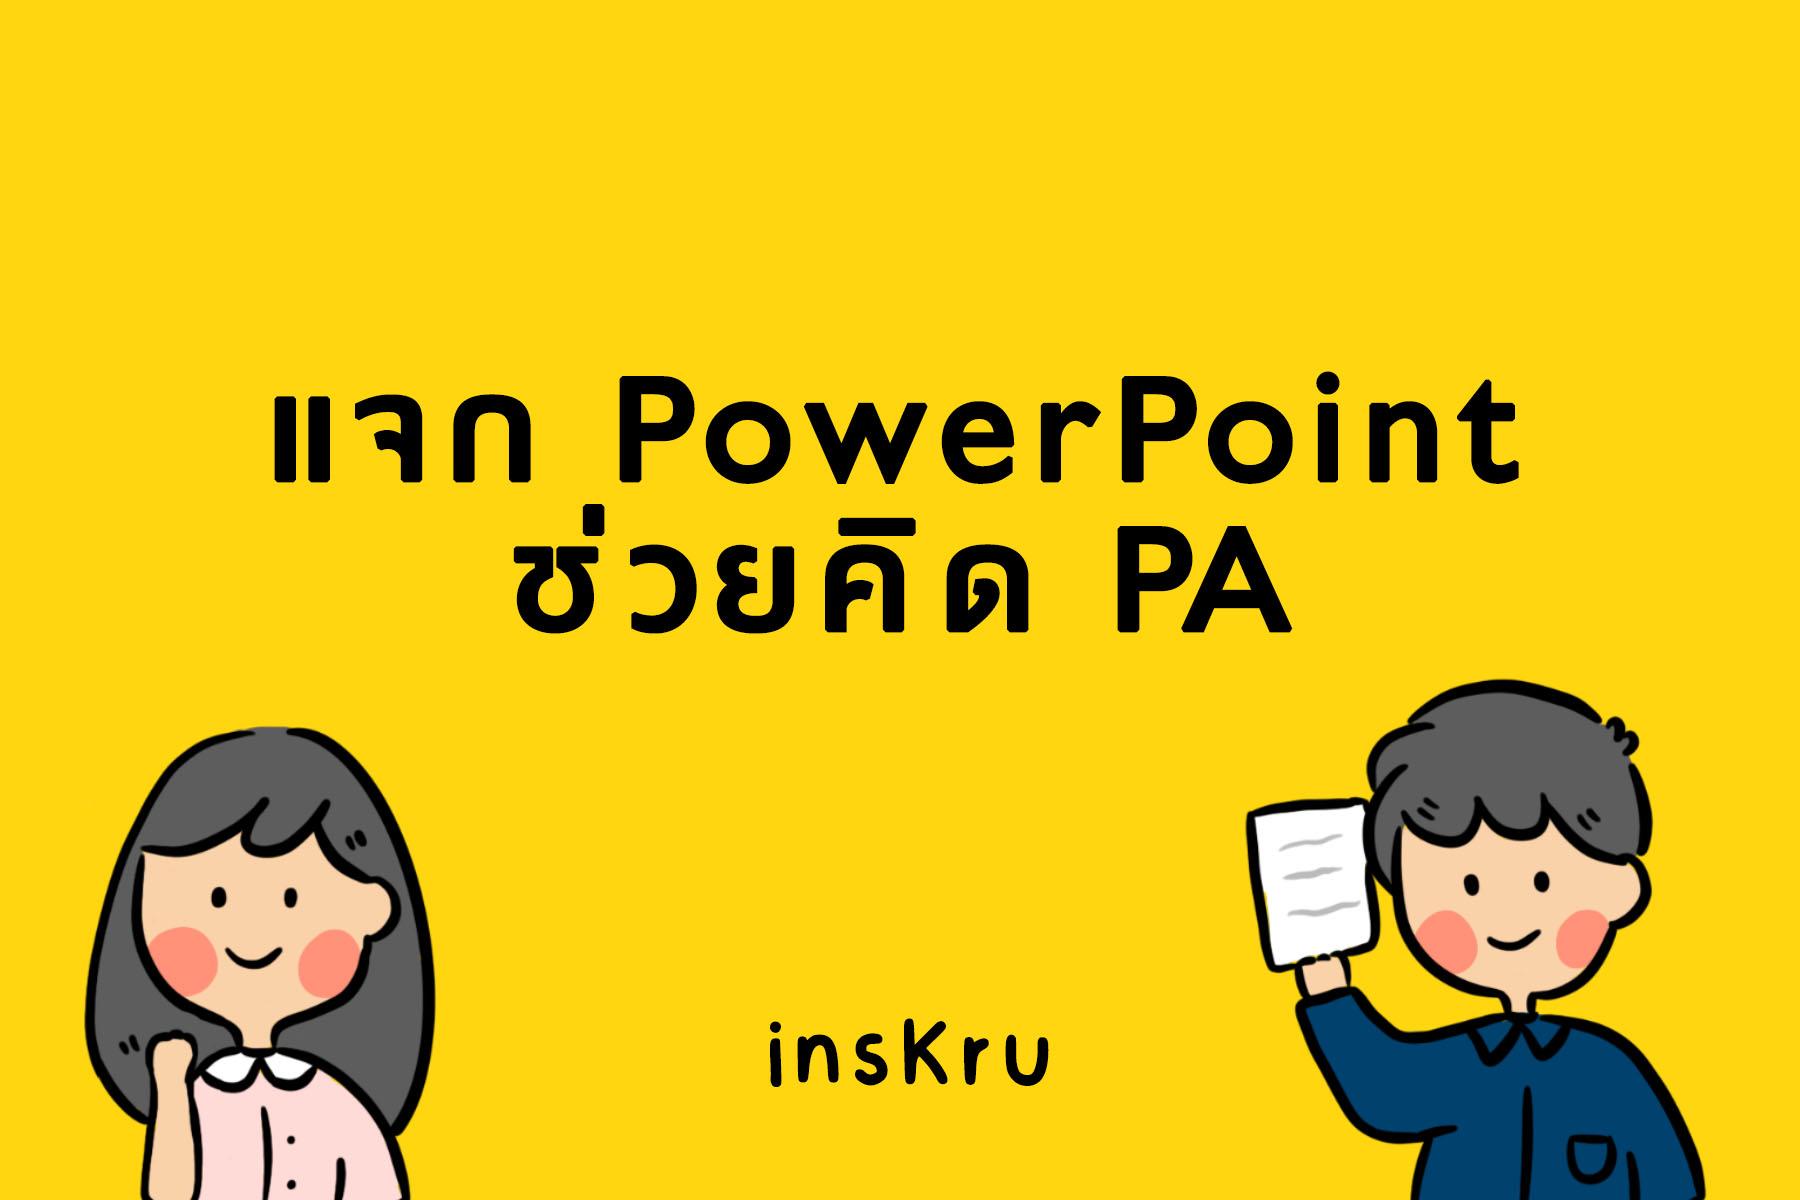 ภาพประกอบไอเดีย แจกไฟล์ PowerPoint ช่วยคิด PA